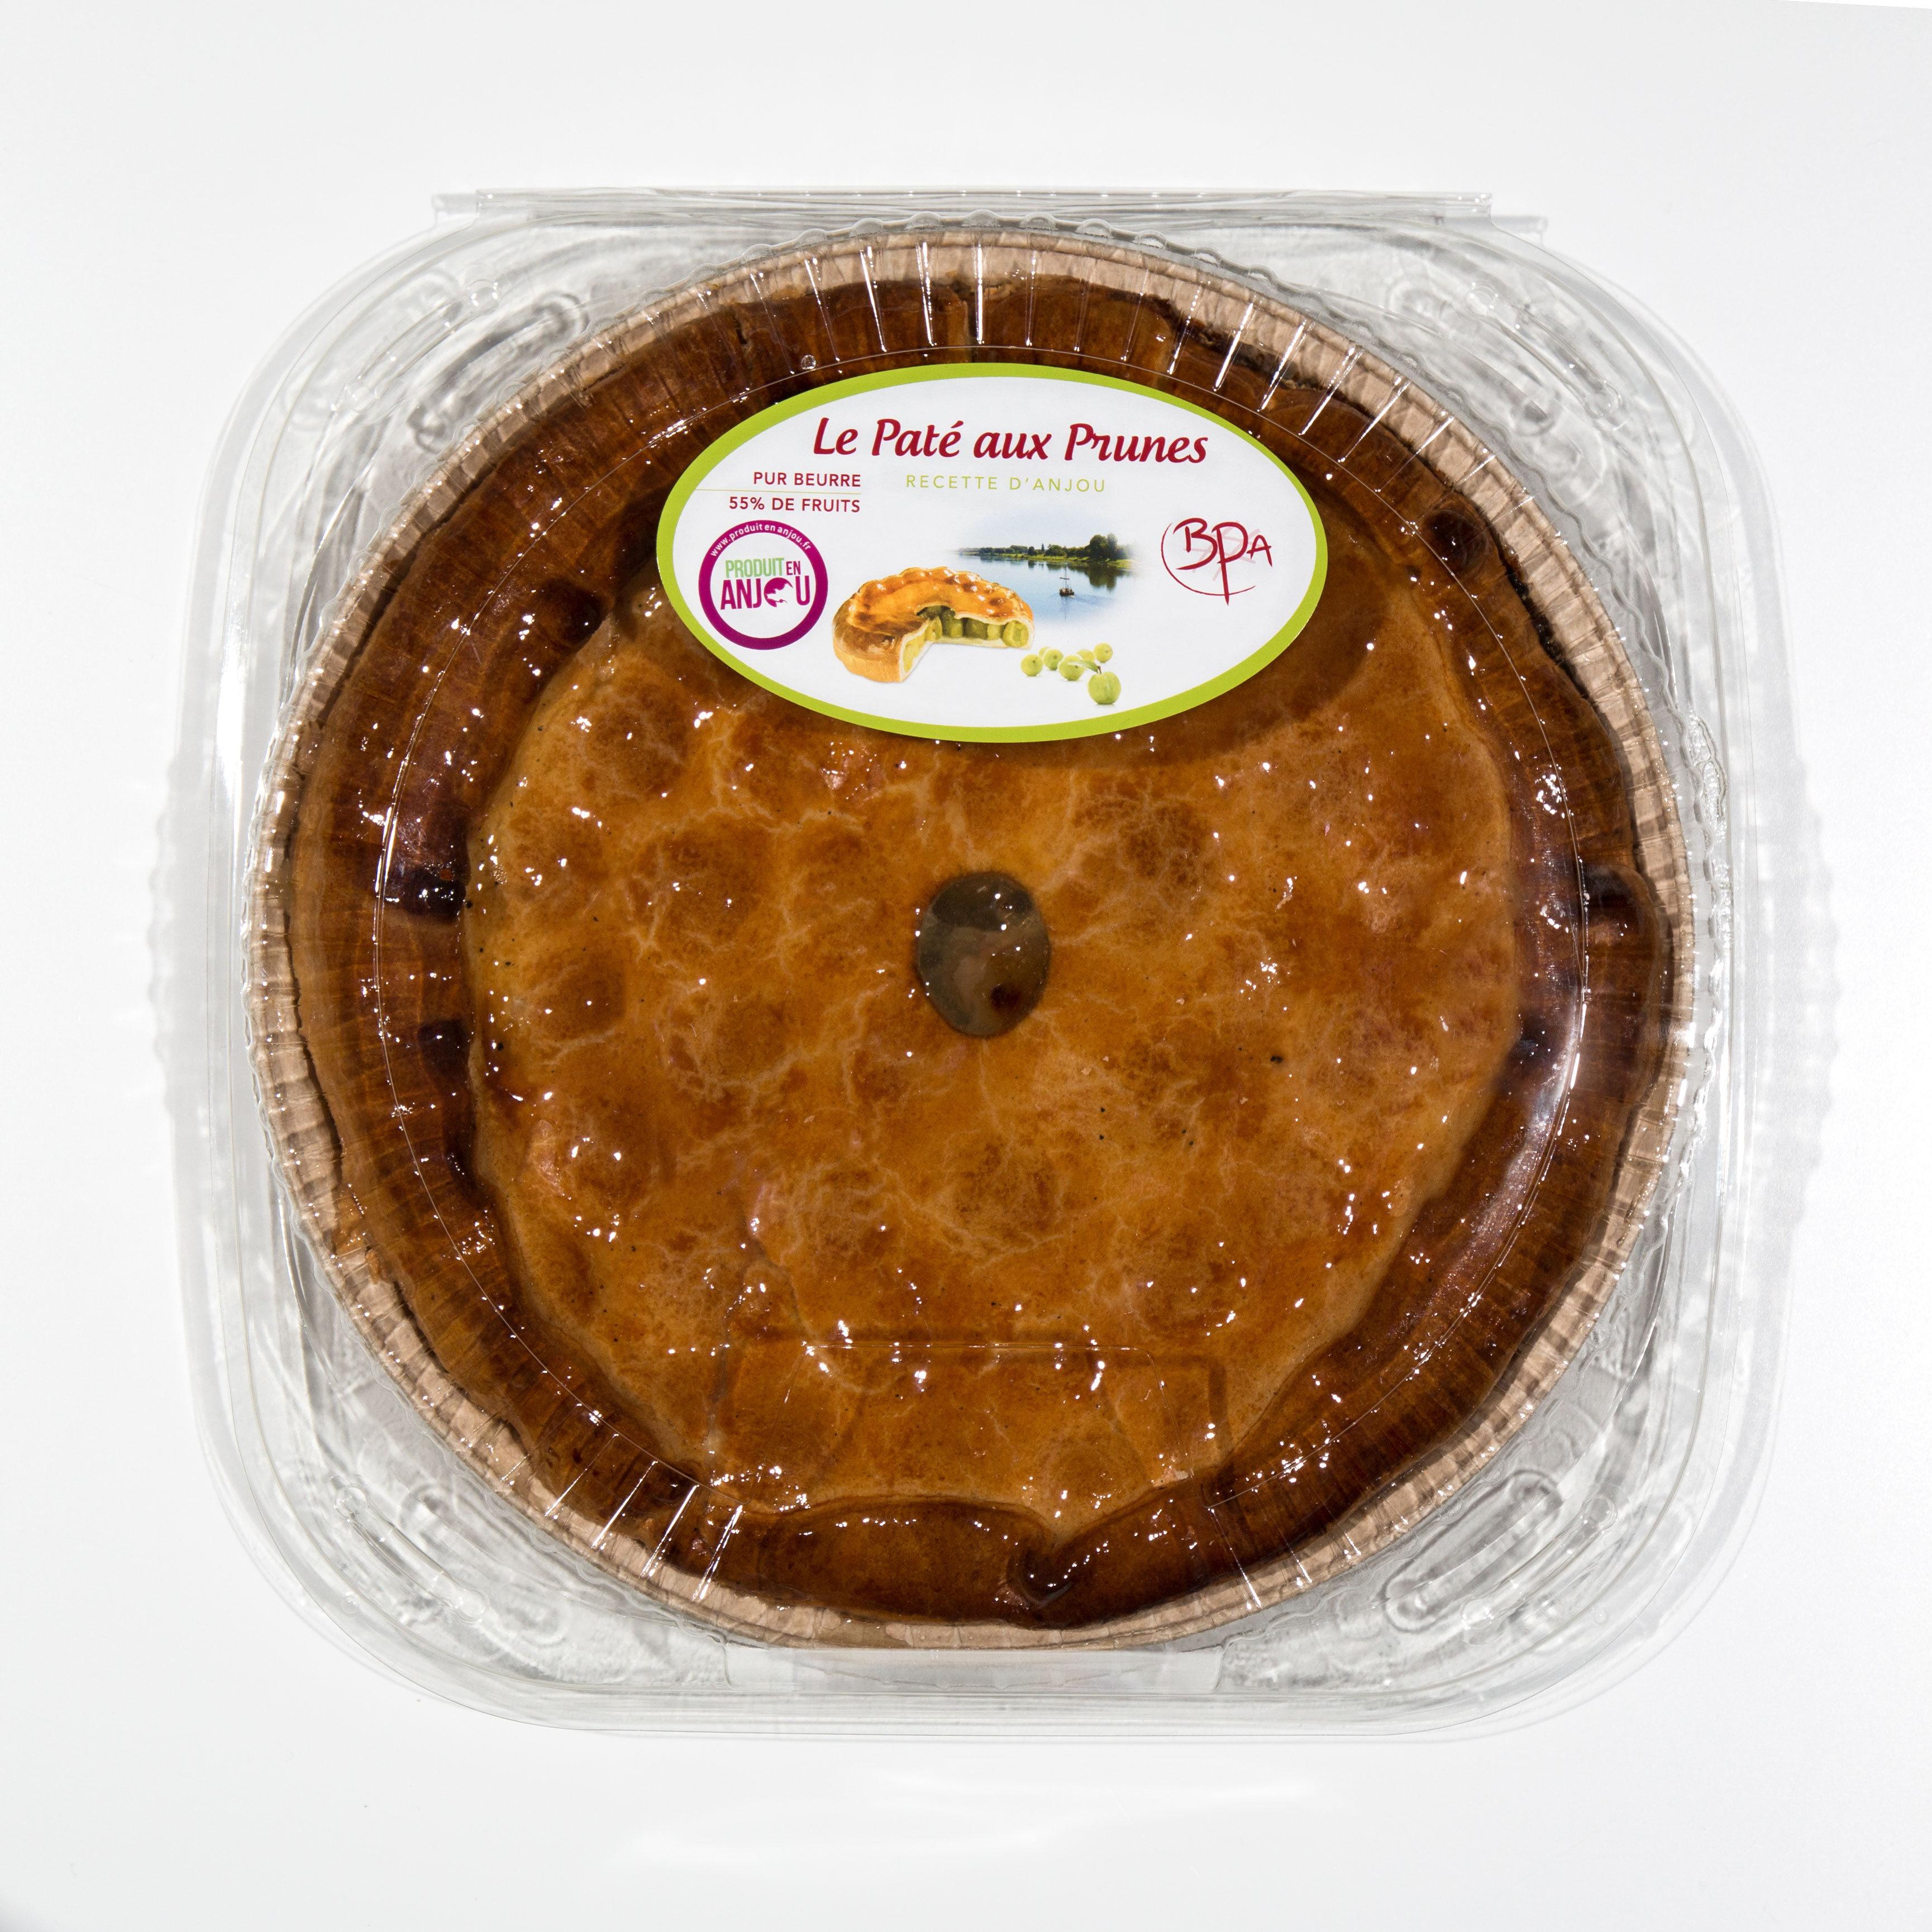 Pâté aux prunes 26 cm 1.4kg - Produit - fr